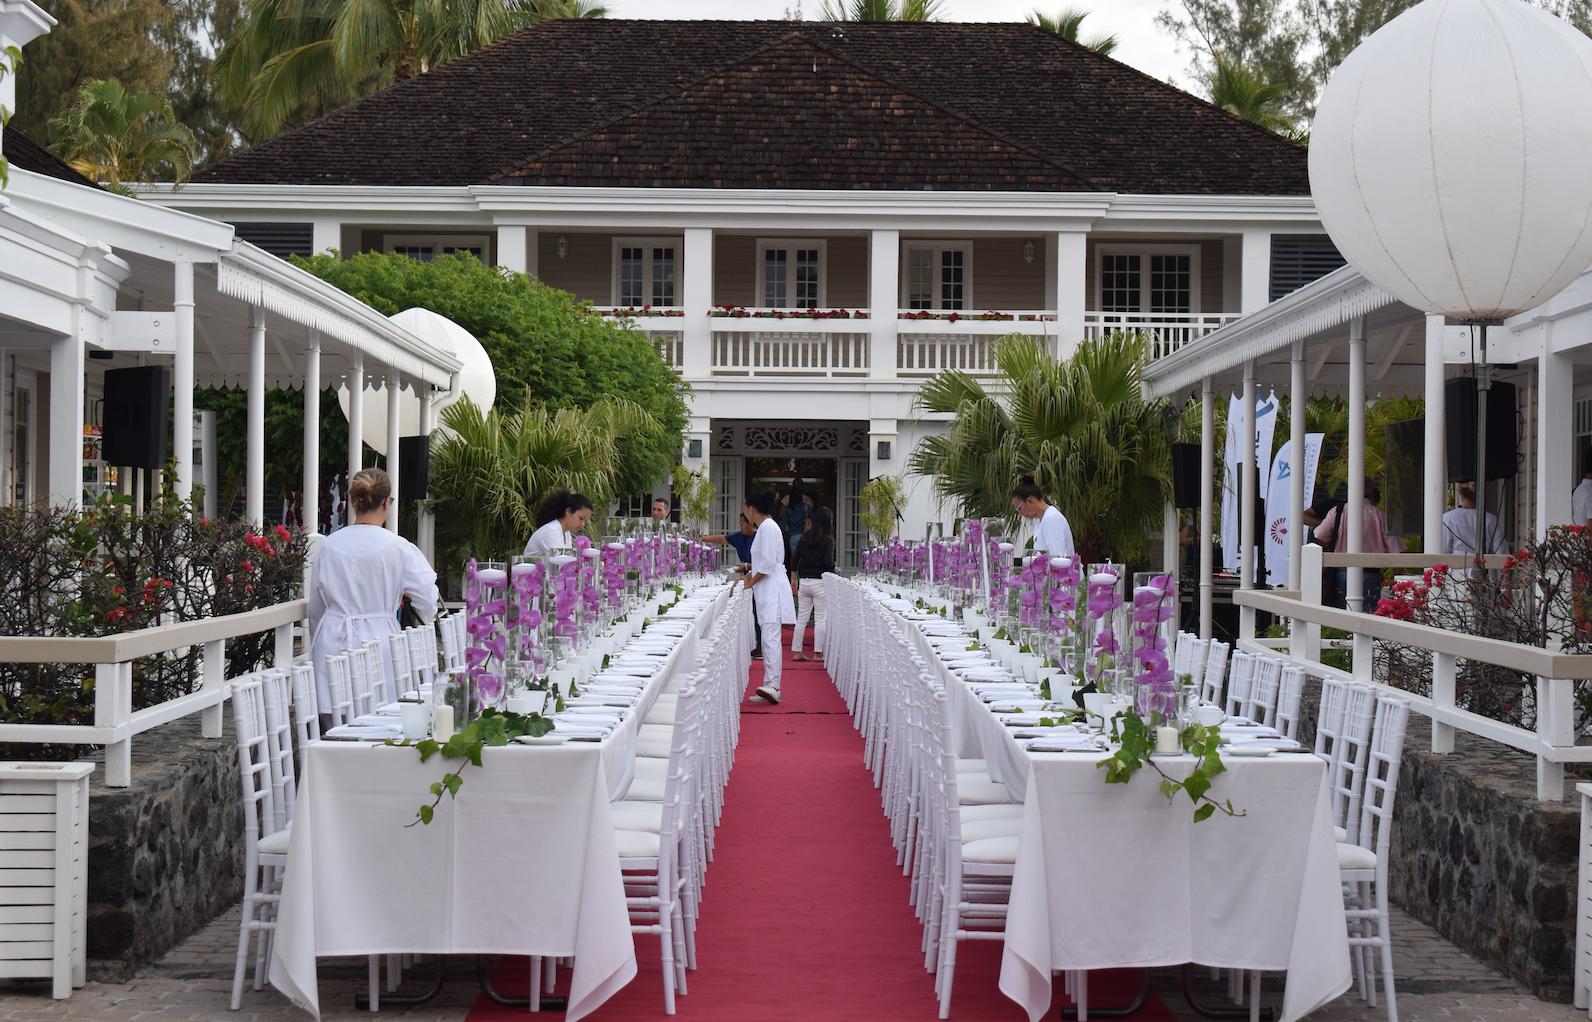 Le dîner de l'AASA a eu lieu devant l'entrée de l'hôtel...